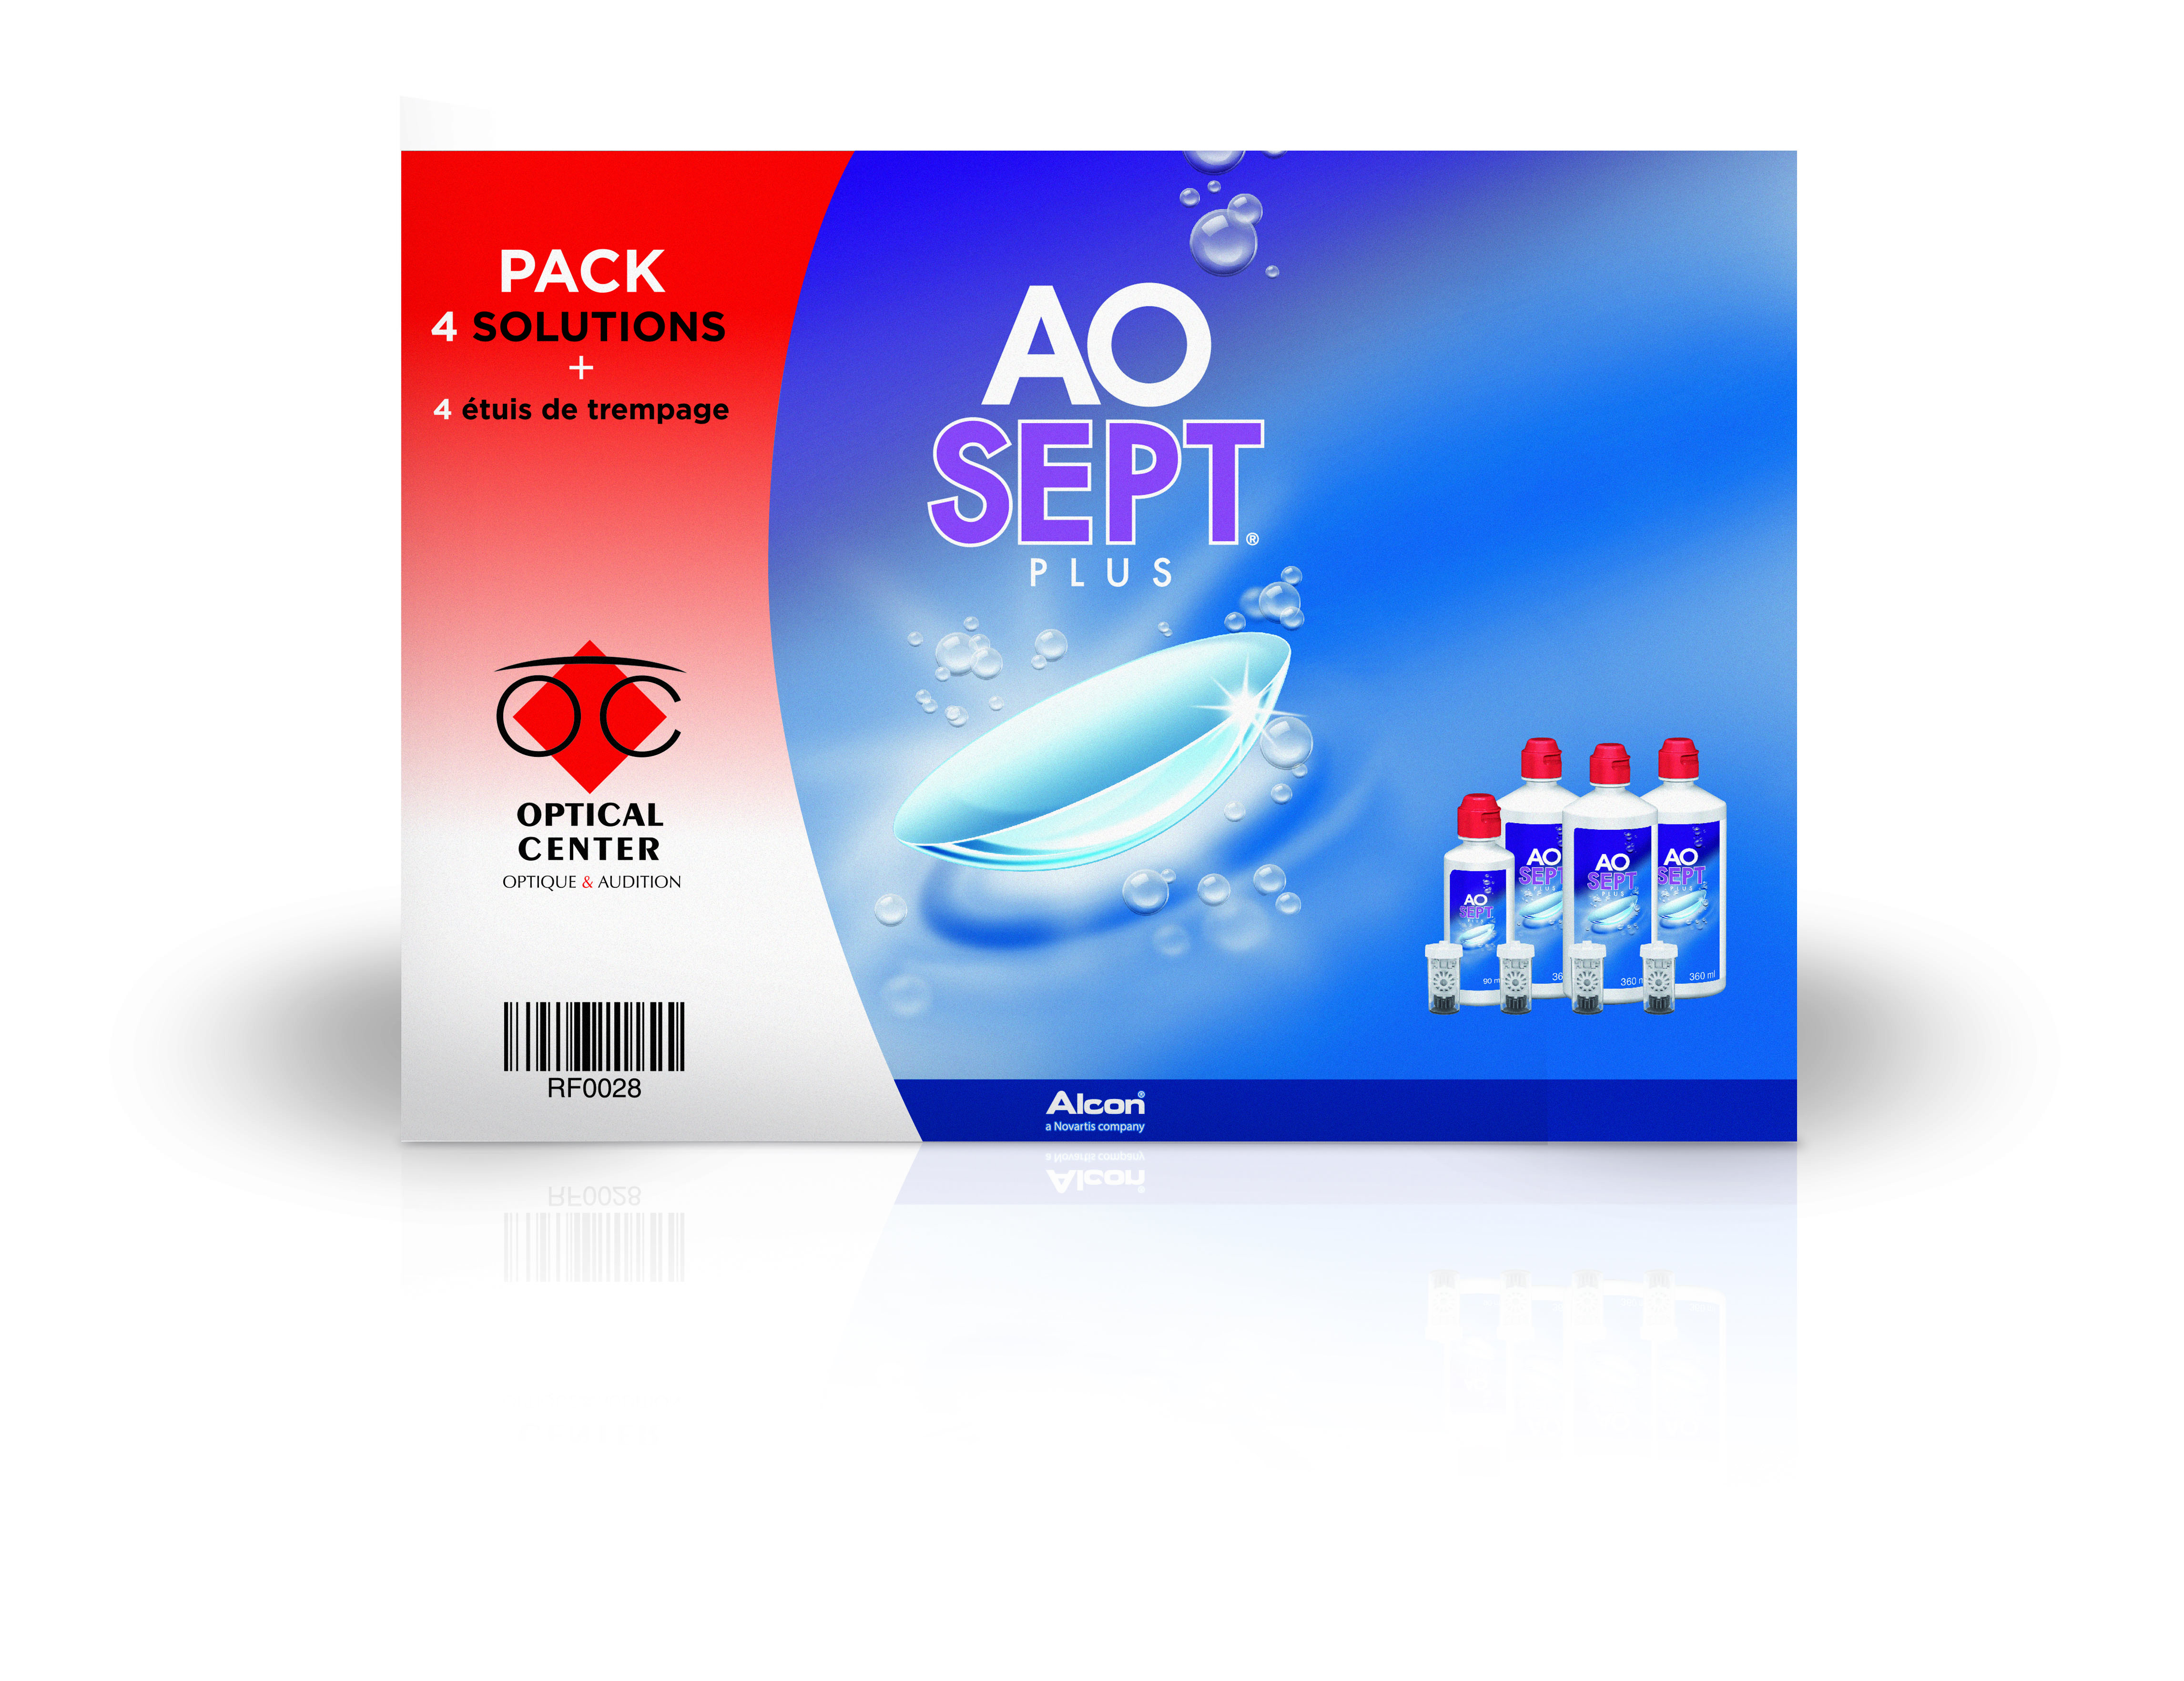 AOSEPT PLUS Coffret Eco 3 x 360 ml + 1 x 90ml